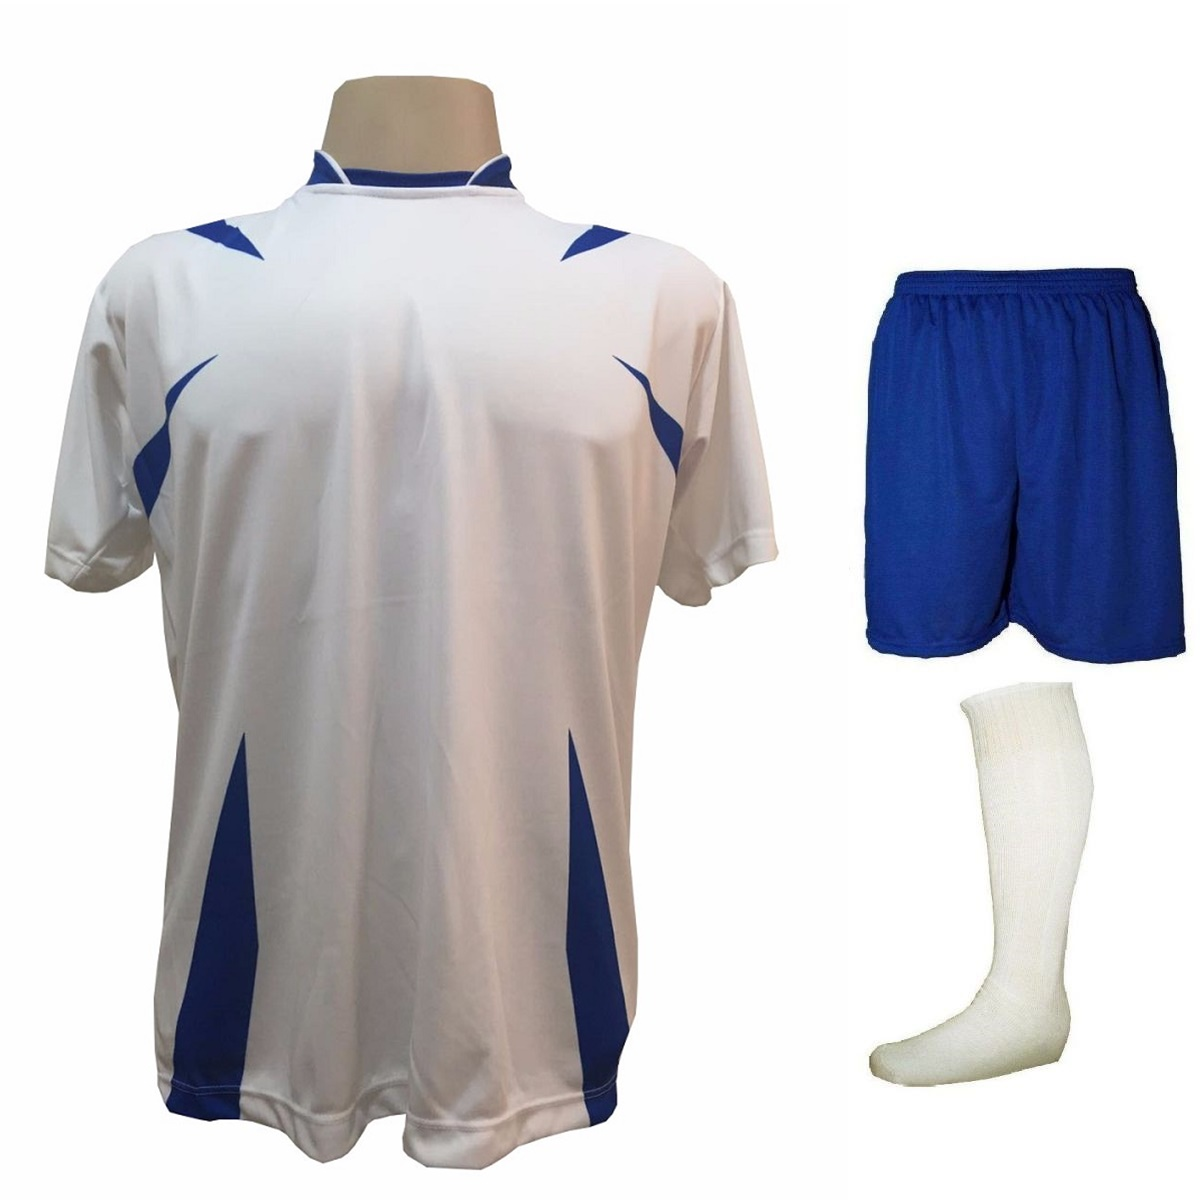 Uniforme Esportivo Completo modelo Palermo 14+1 (14 camisas Branco/Royal + 14 calções Madrid Royal + 14 pares de meiões Branco + 1 conjunto de goleiro) + Brindes